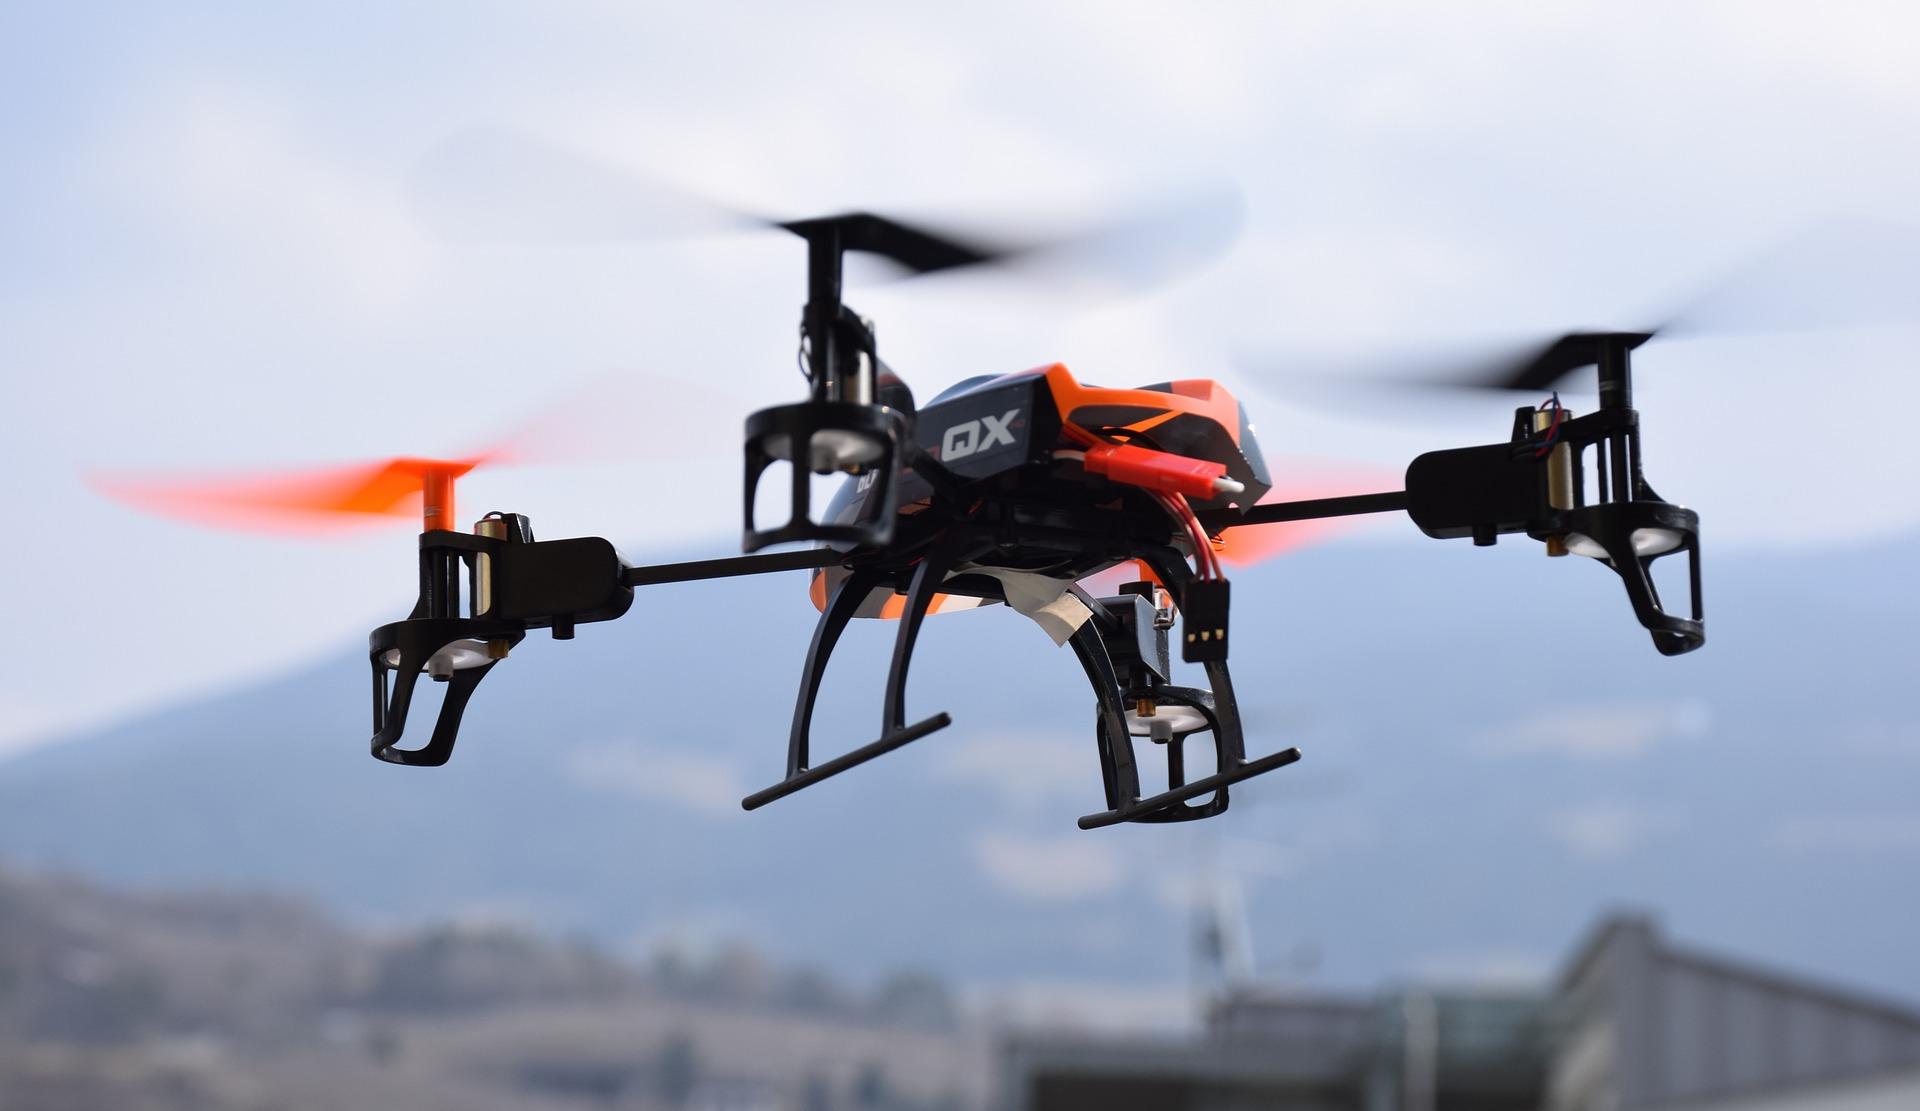 drone-674237_1920